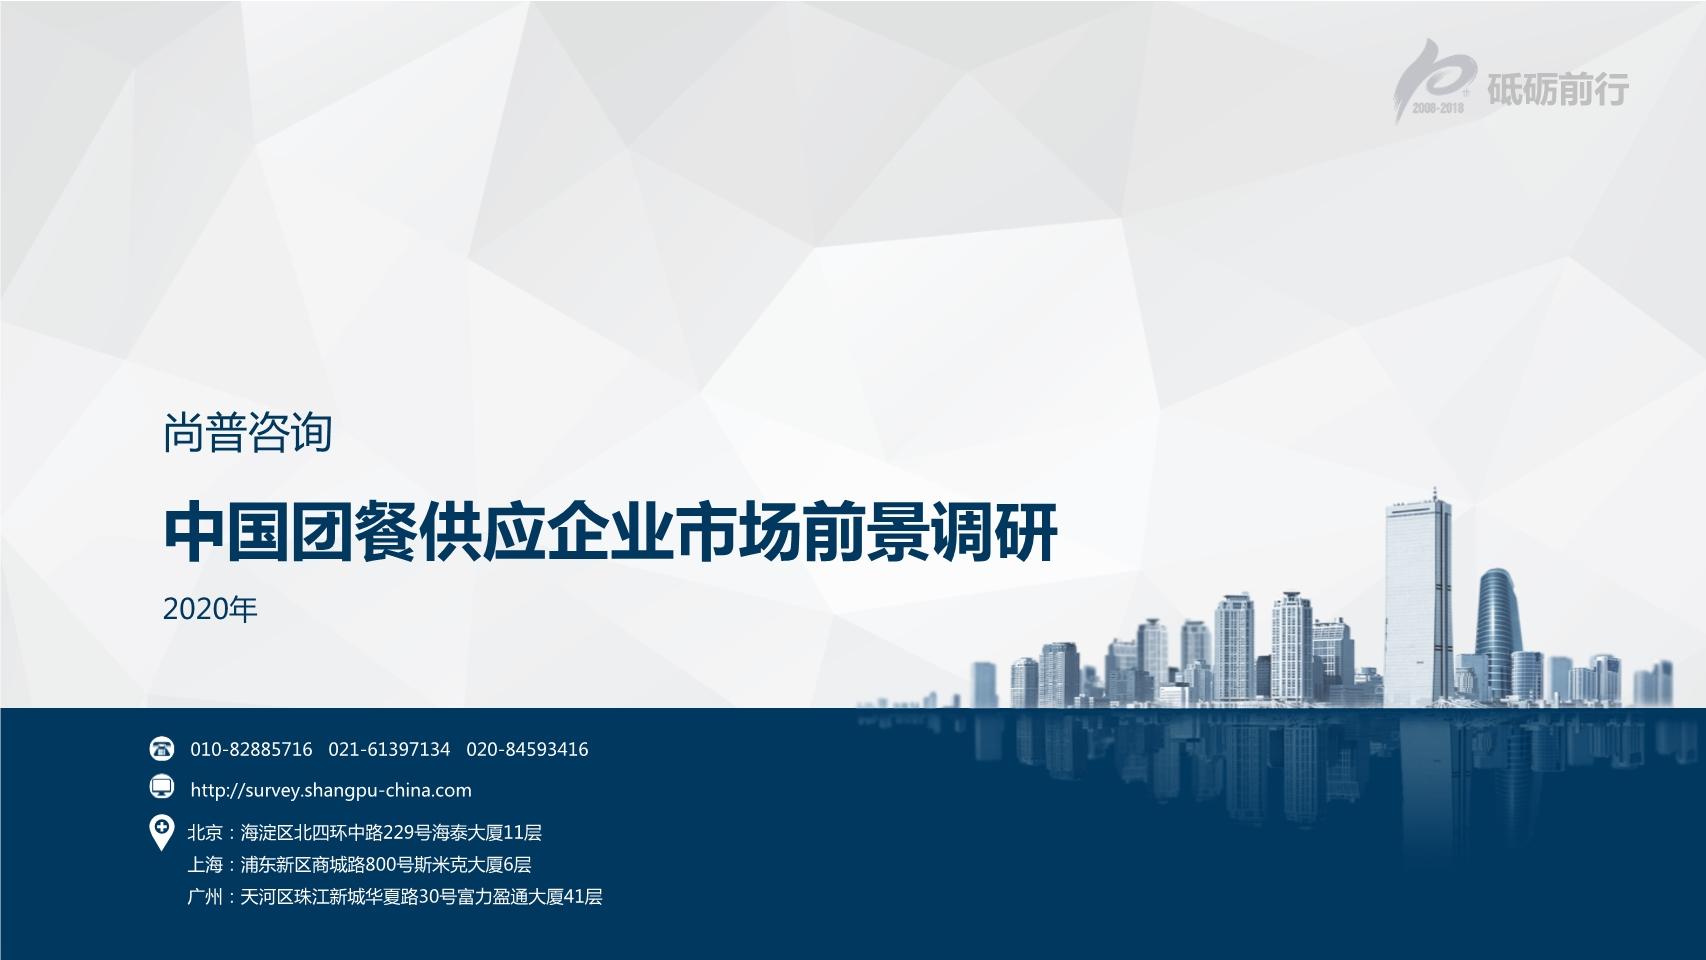 尚普咨询-2020年中国团餐供应企业市场前景调研